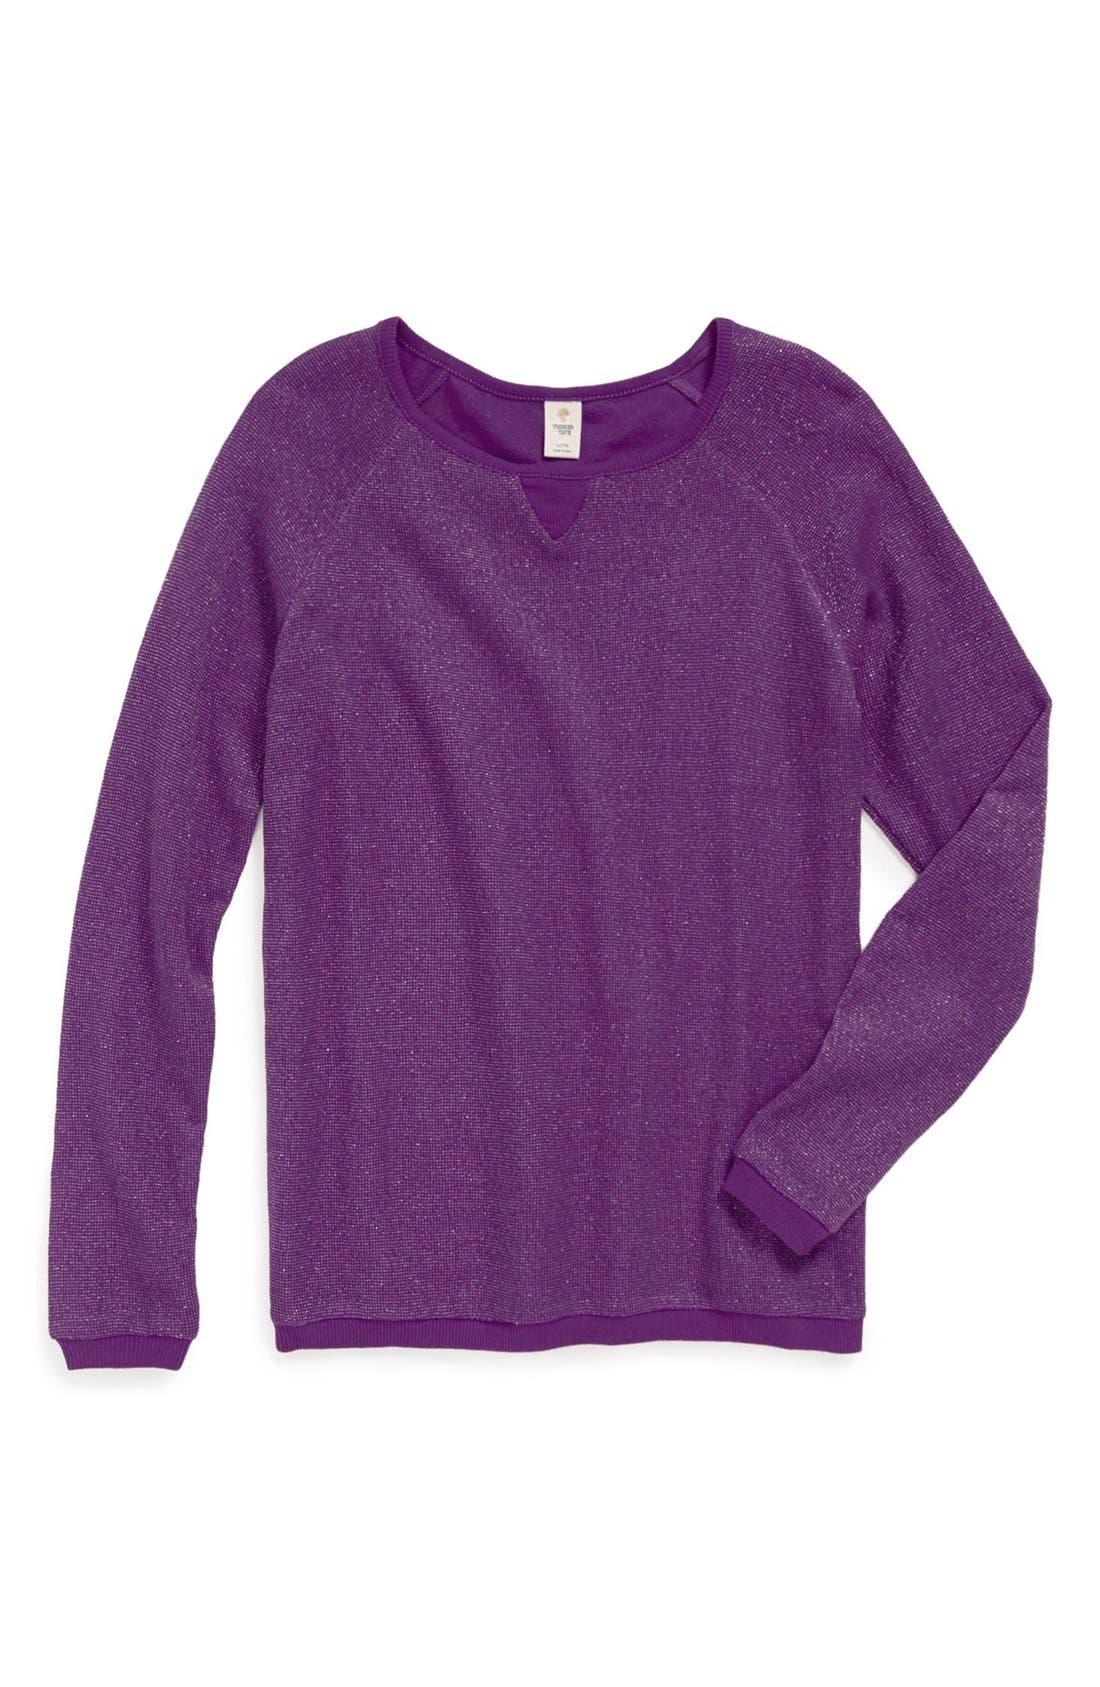 Main Image - Tucker + Tate 'Dakota' Thermal Sweatshirt (Big Girls)